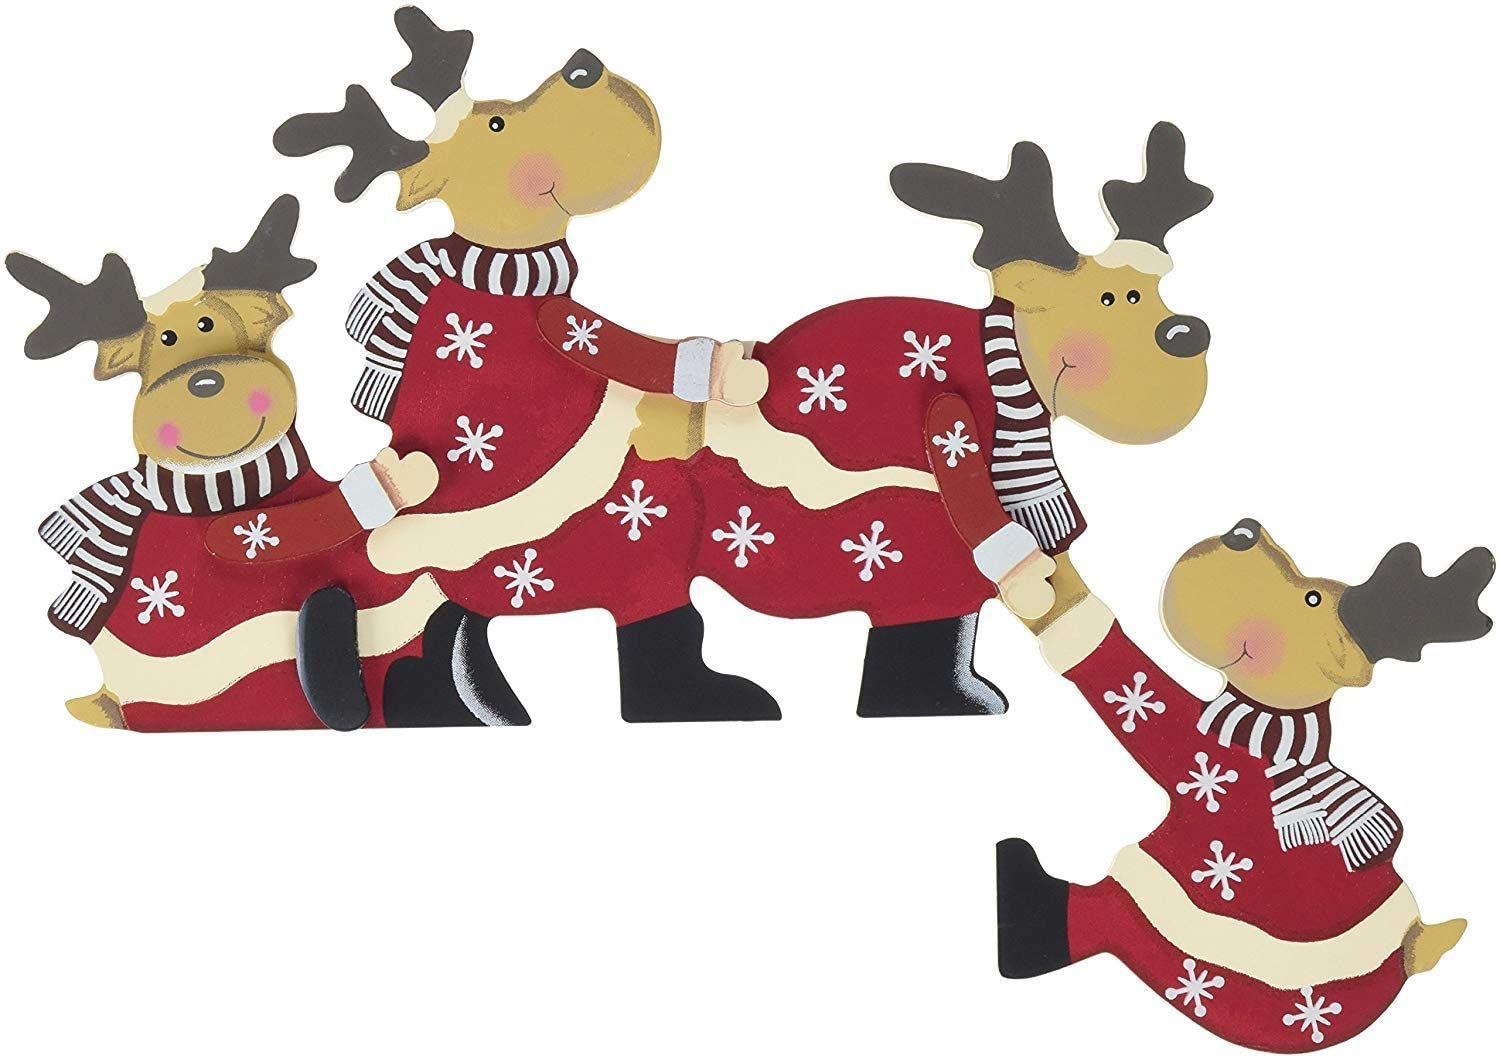 Khevga Weihnachtsdeko Purzelnde Elche Fur Turrahmen Deko Aus Holz Purzelnde Elche Farbe Purz Turdekoration Weihnachten Weihnachtsturschmuck Rahmen Dekoration